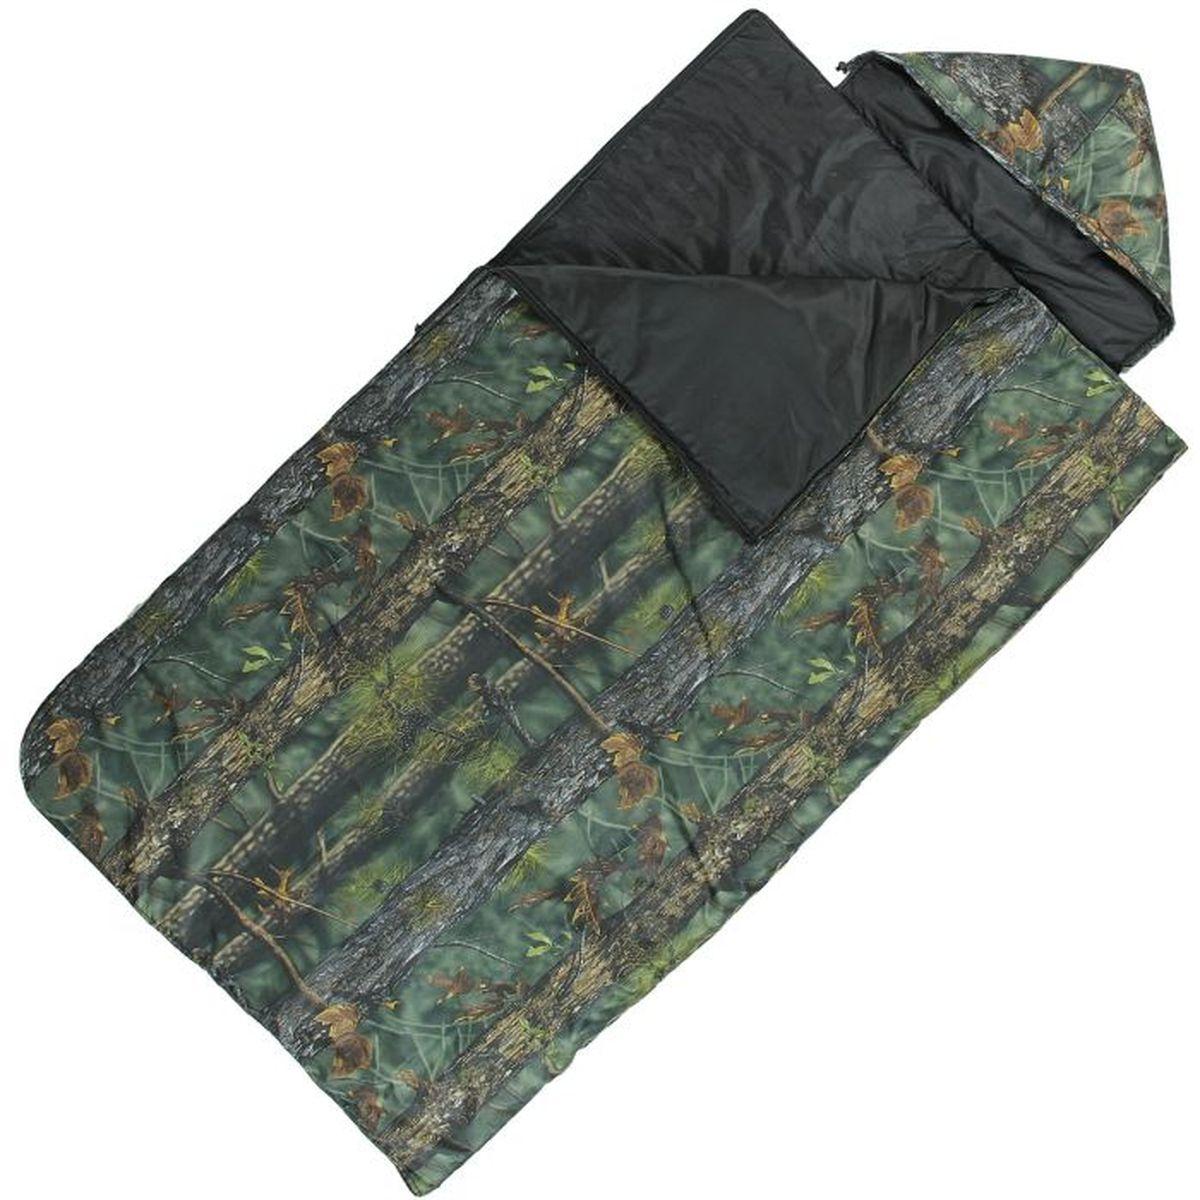 Спальный мешок Onlitop Богатырь, цвет: хаки, правосторонняя молния67742Комфортный, просторный и очень теплый 3-х сезонный спальник предназначен для походов и для отдыха на природе не только в летнее время, но и в прохладные дни весенне-осеннего периода. В теплое время спальный мешок можно использовать как одеяло (в том числе и дома).